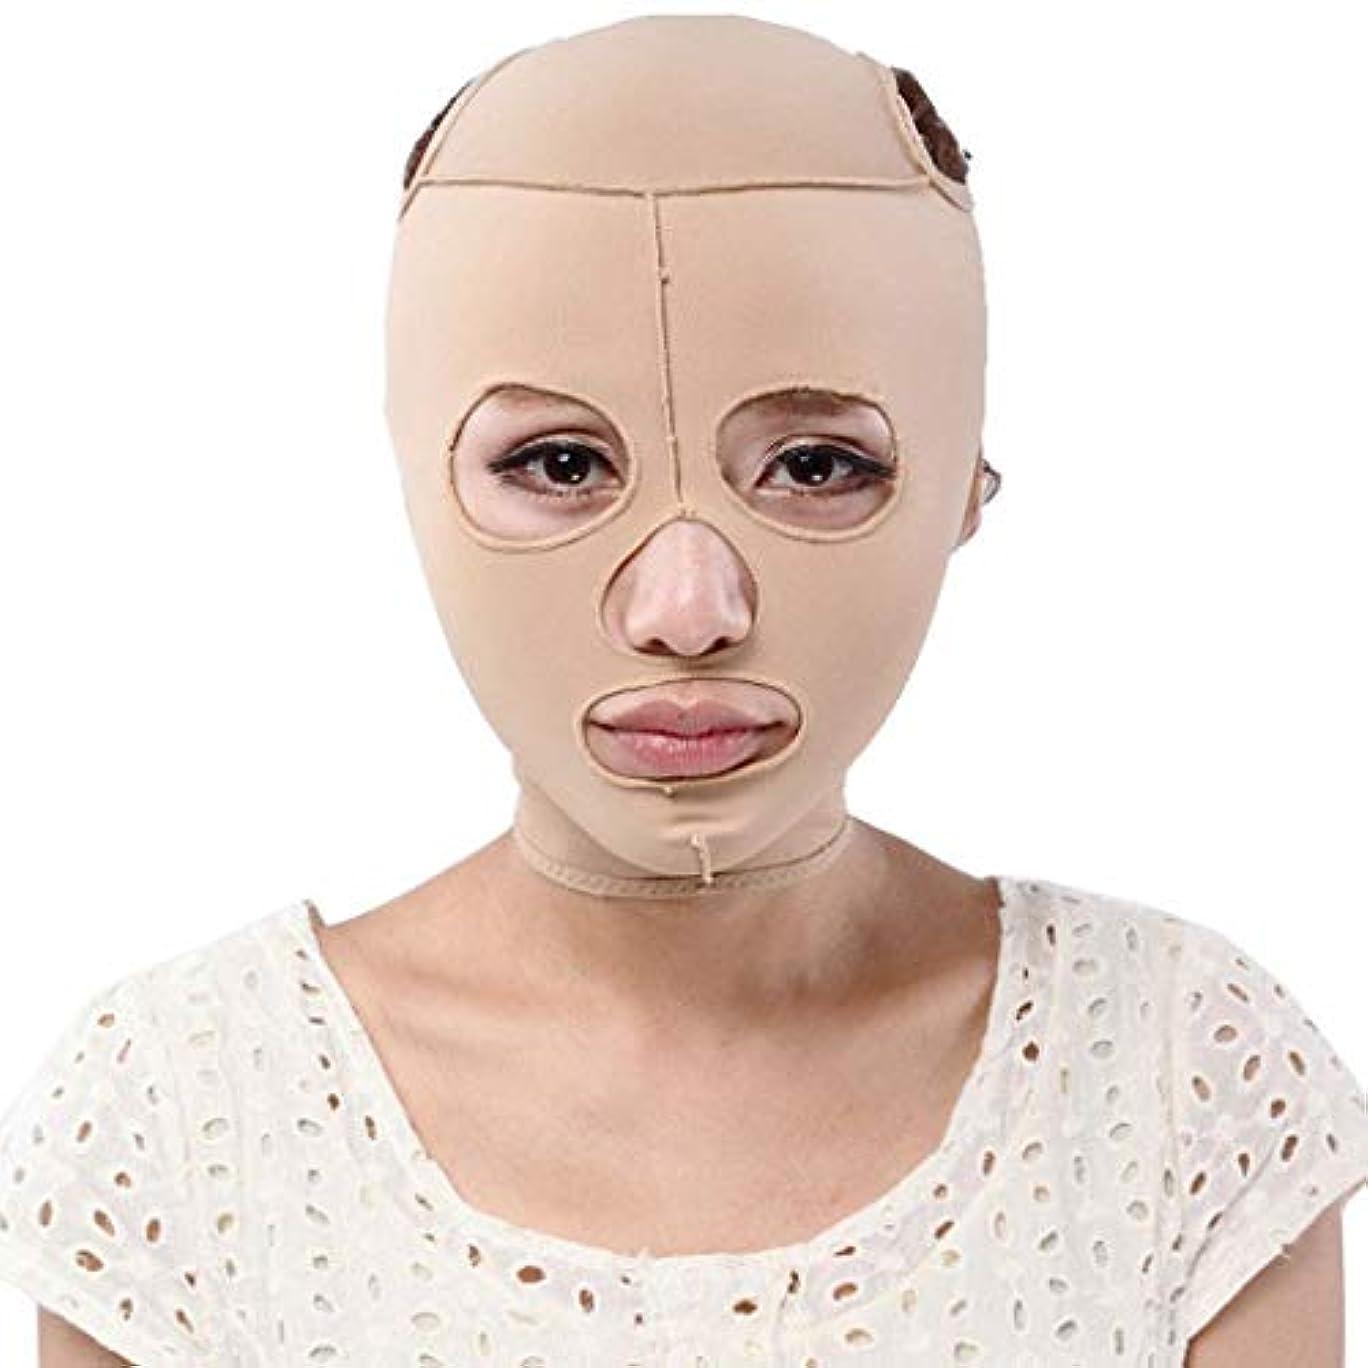 カーフタブレット誰がフェイシャルスリミングマスク、フェイスリフティング包帯Vフェイスリフティングおよびリフティング/チンブラッシュスリムボディリダクションダブルチン減量包帯通気性、肌(XL) (S)